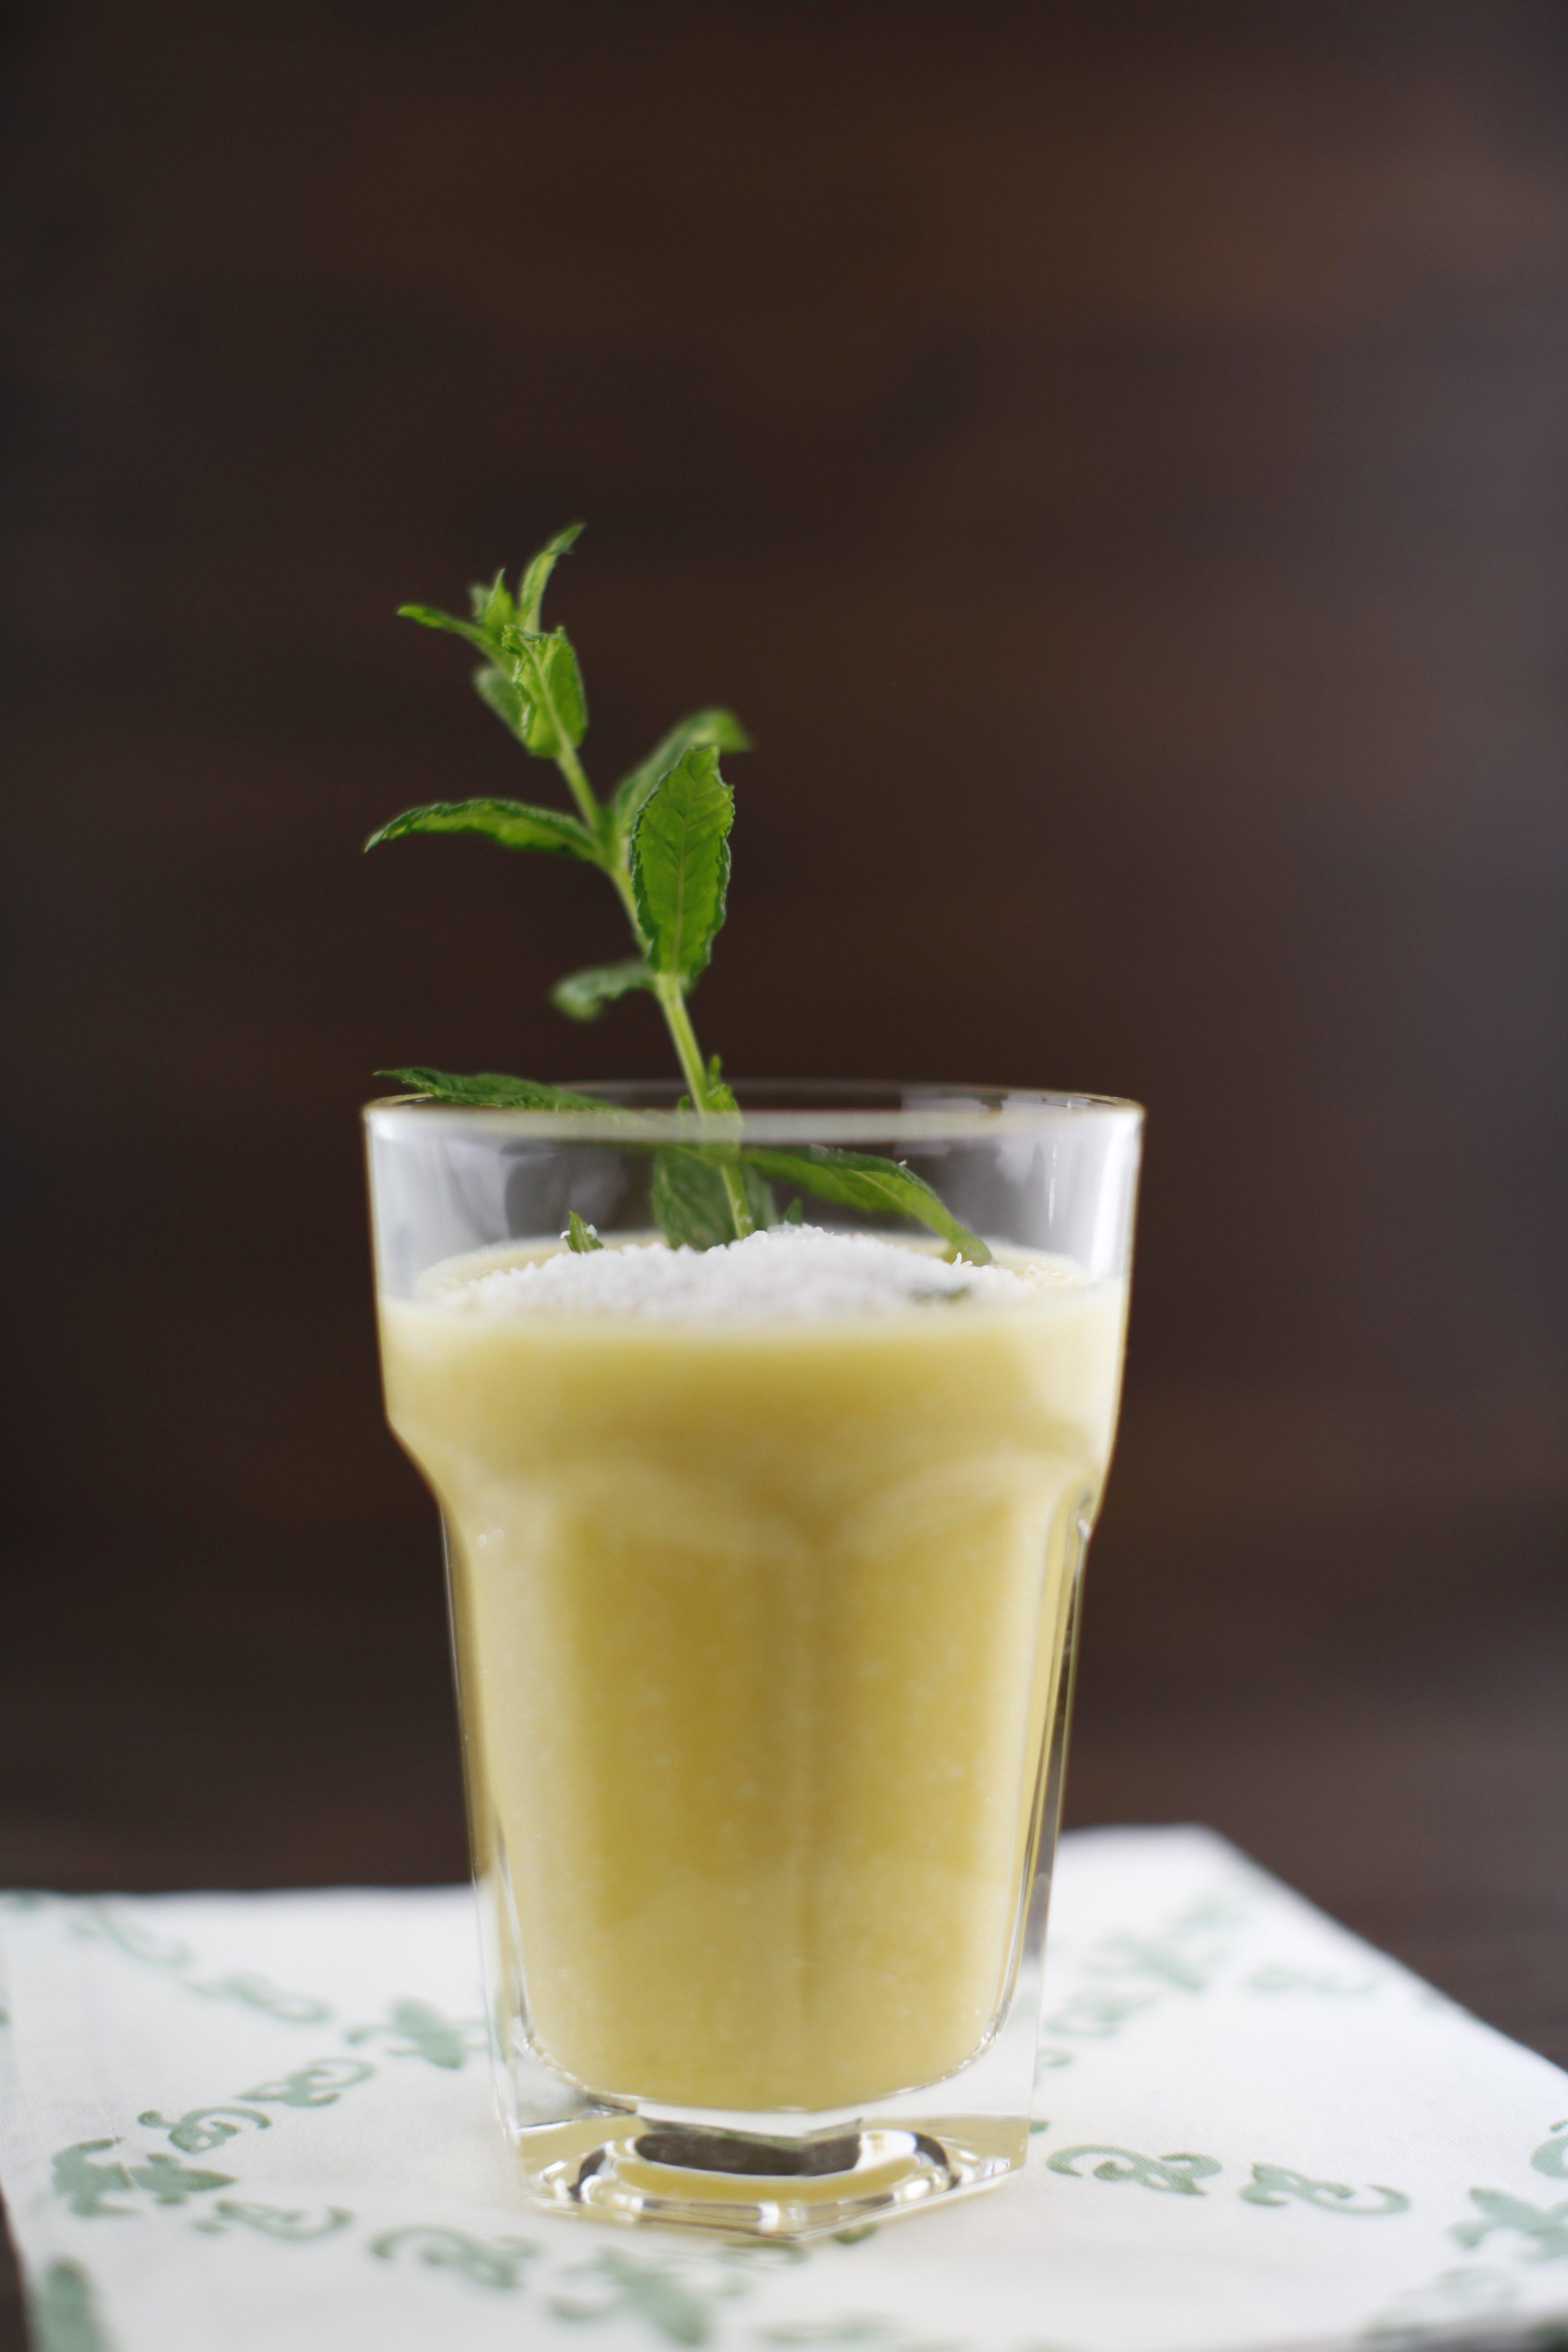 pici-e-castagne-pina-colada-smoothie-2